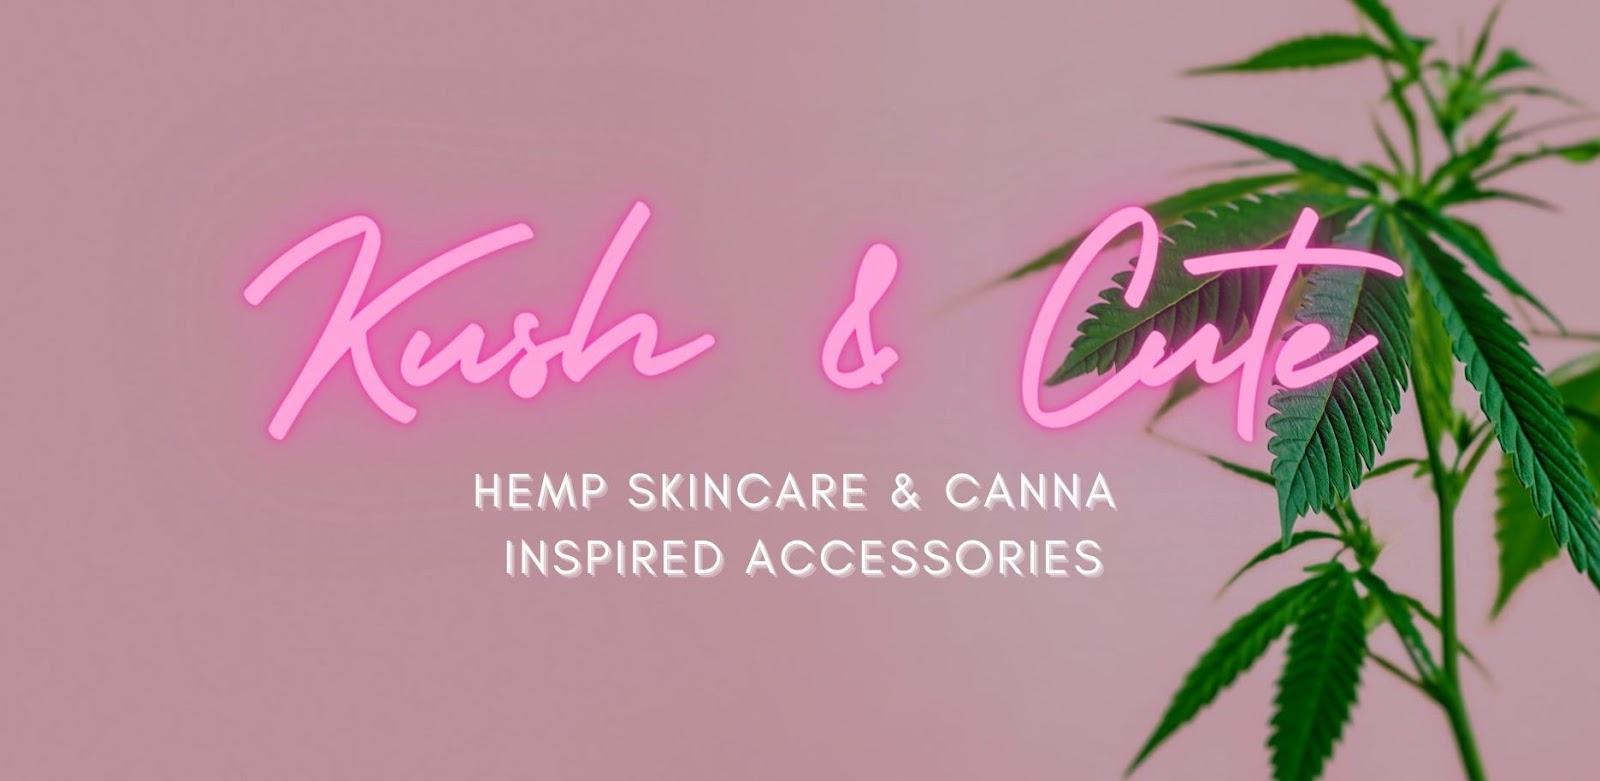 Kush & Cute Minority Owned Cannabis Brand